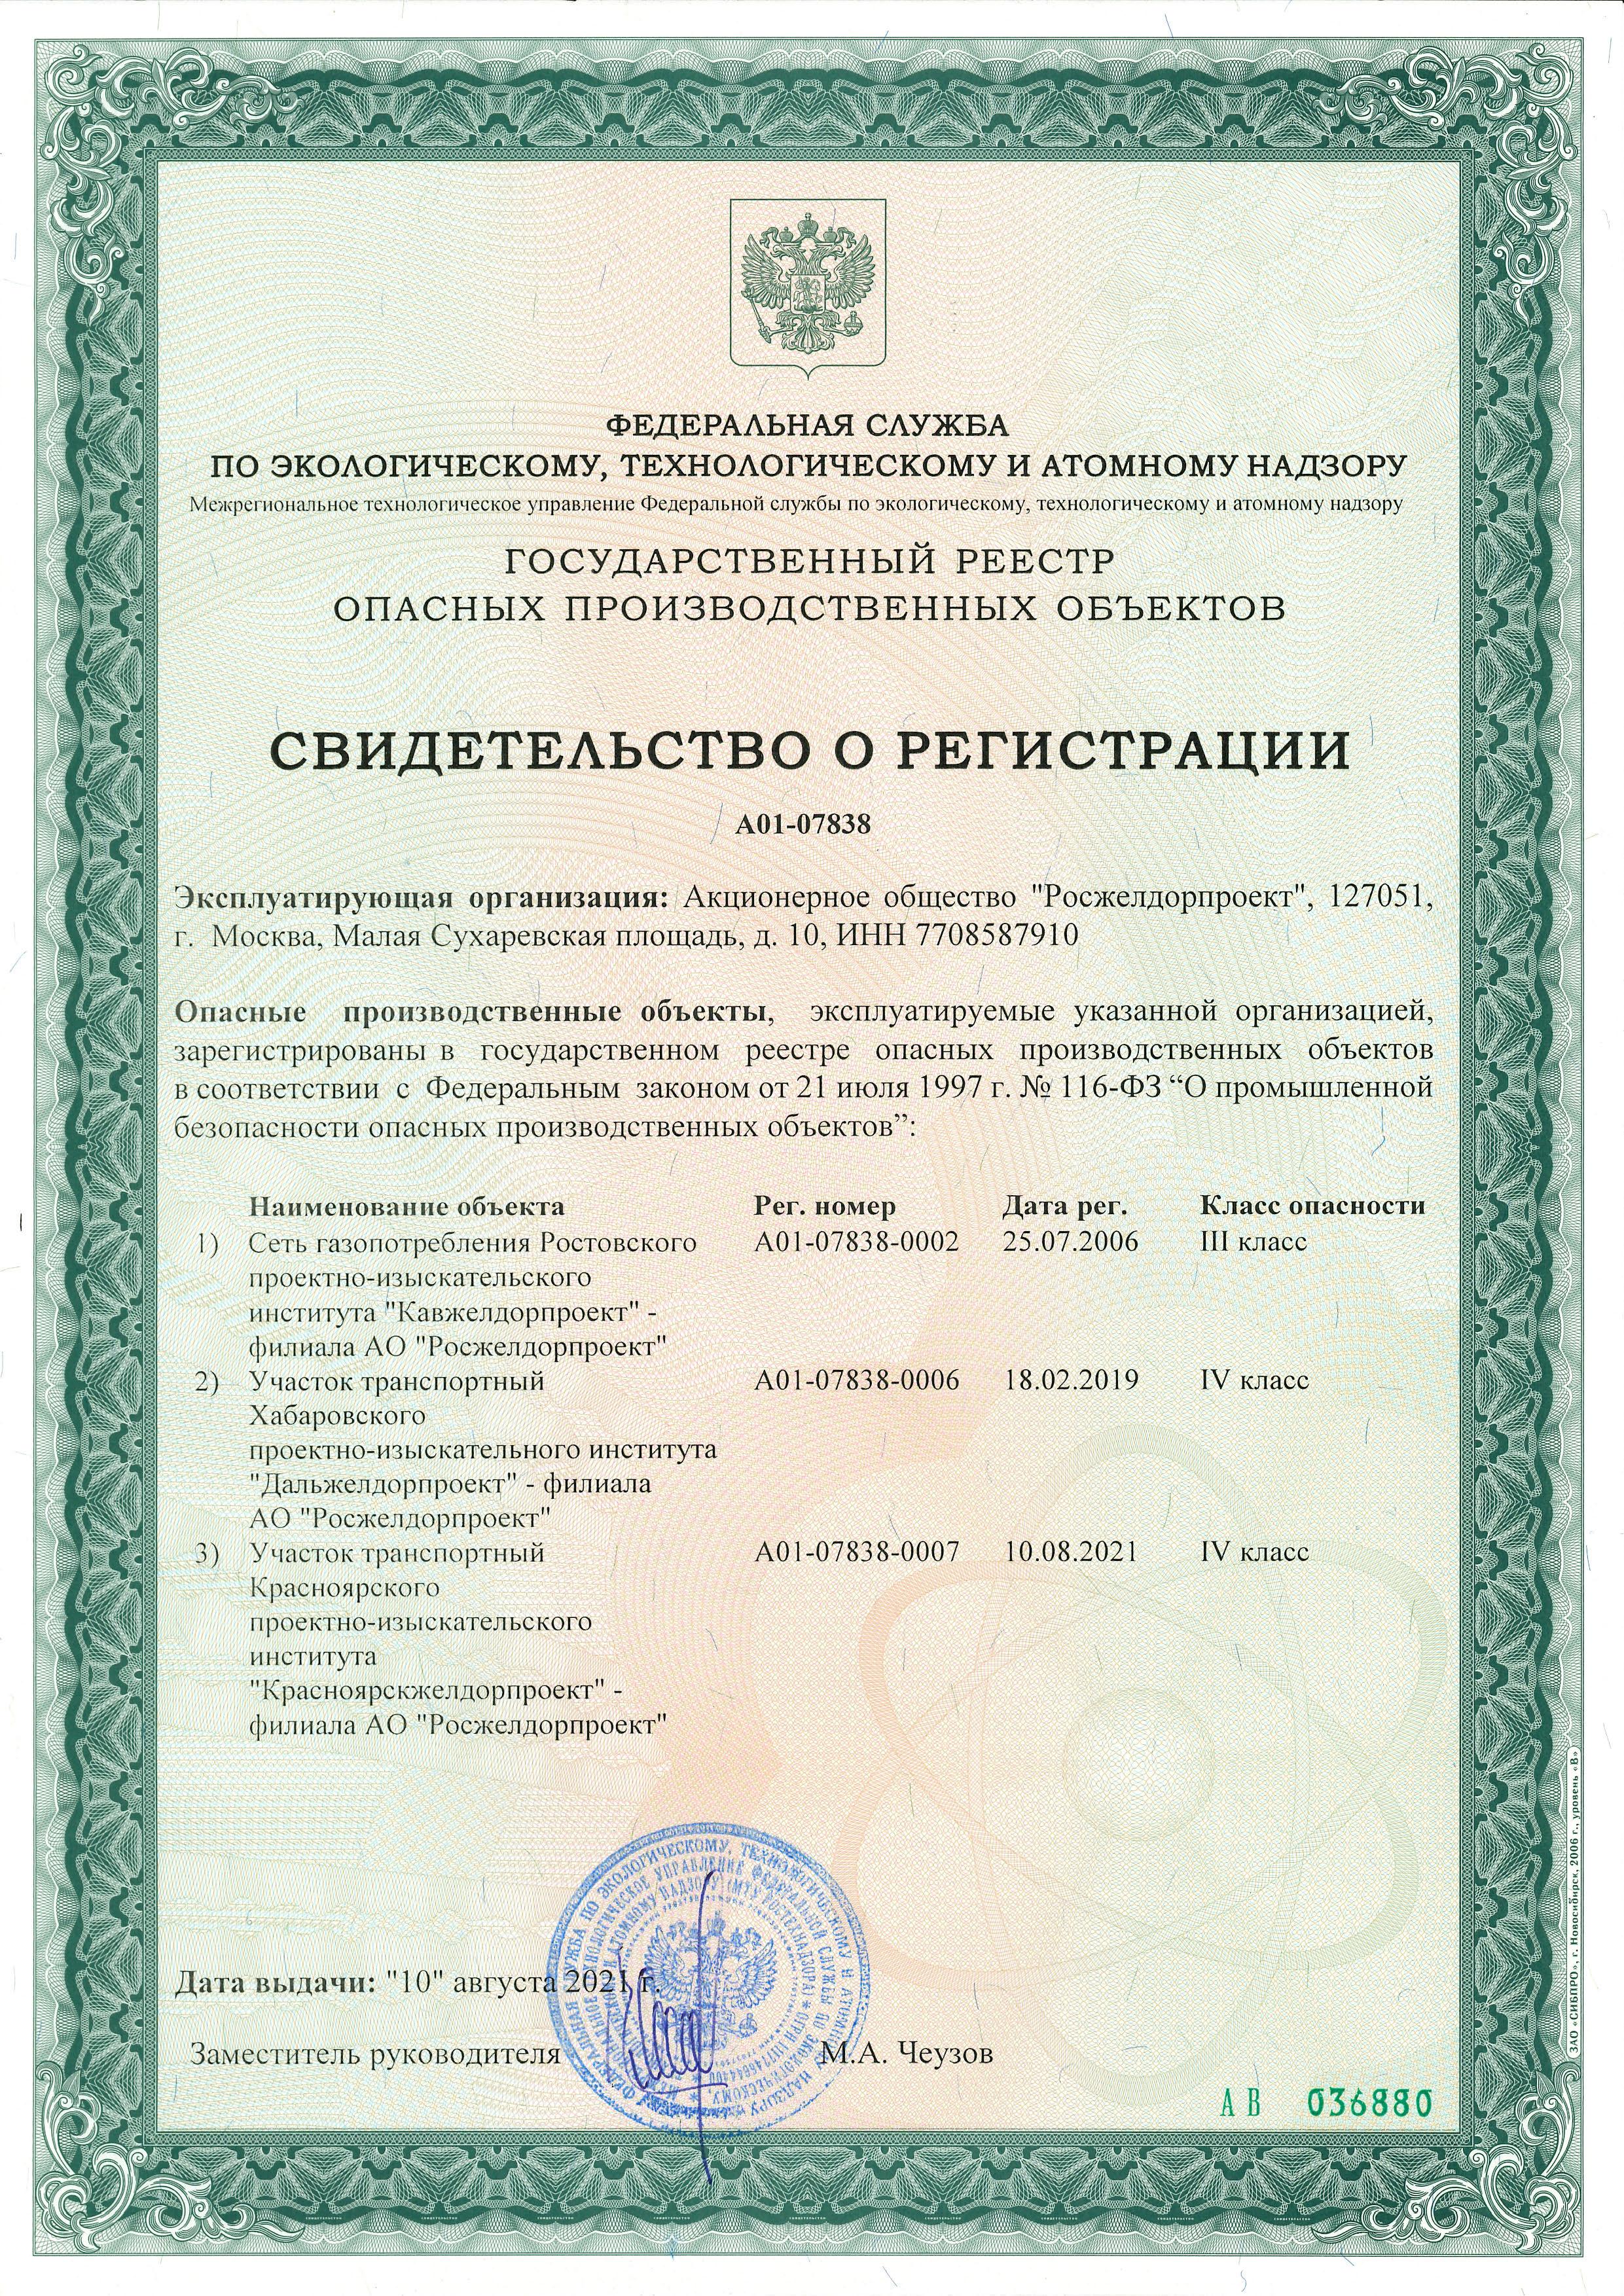 Свидетельство о регистрации в Государственном реестре опасных производственных объектов